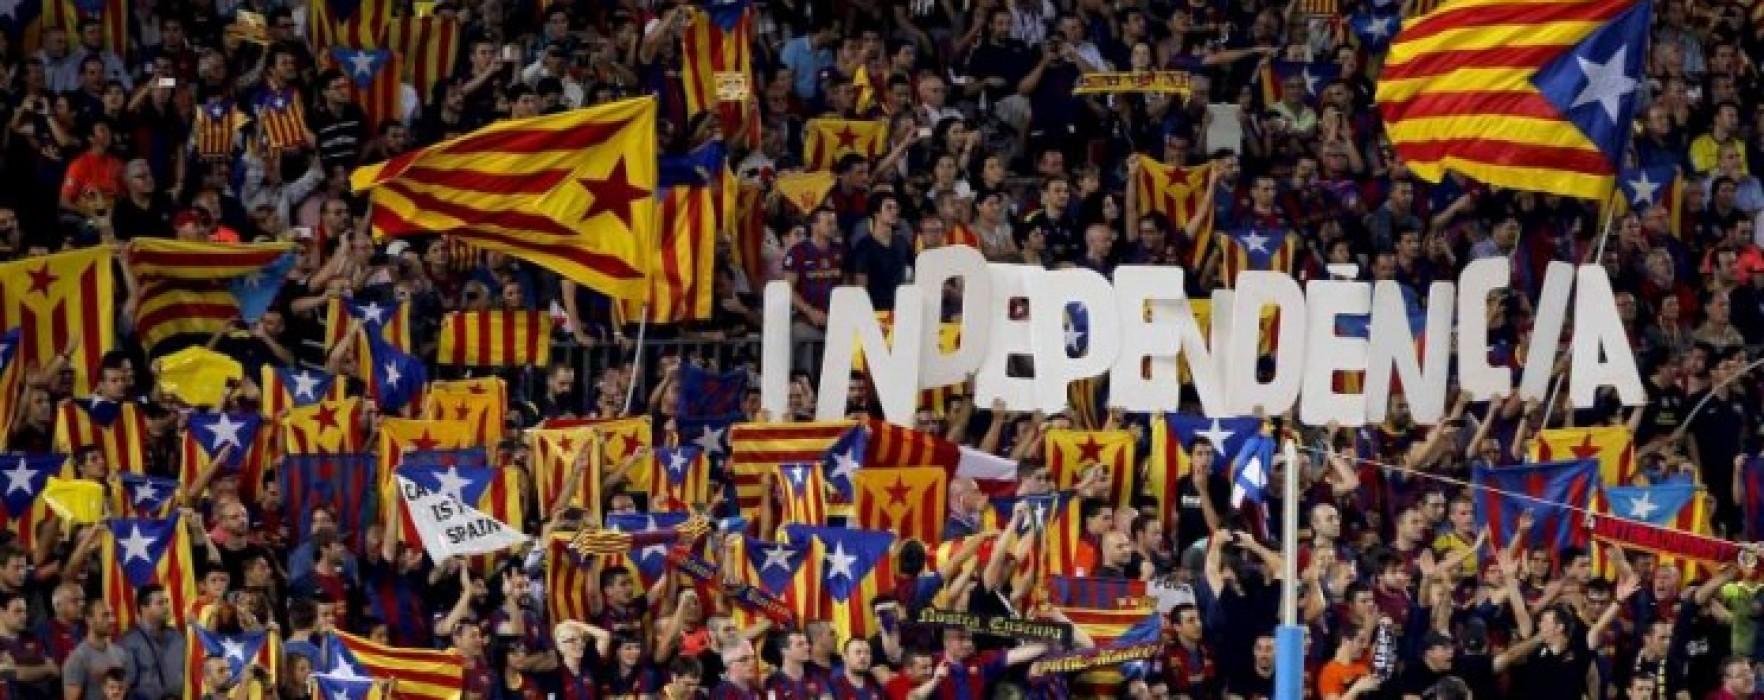 Il dopo elezioni in Catalogna. Parlano gli scrittori